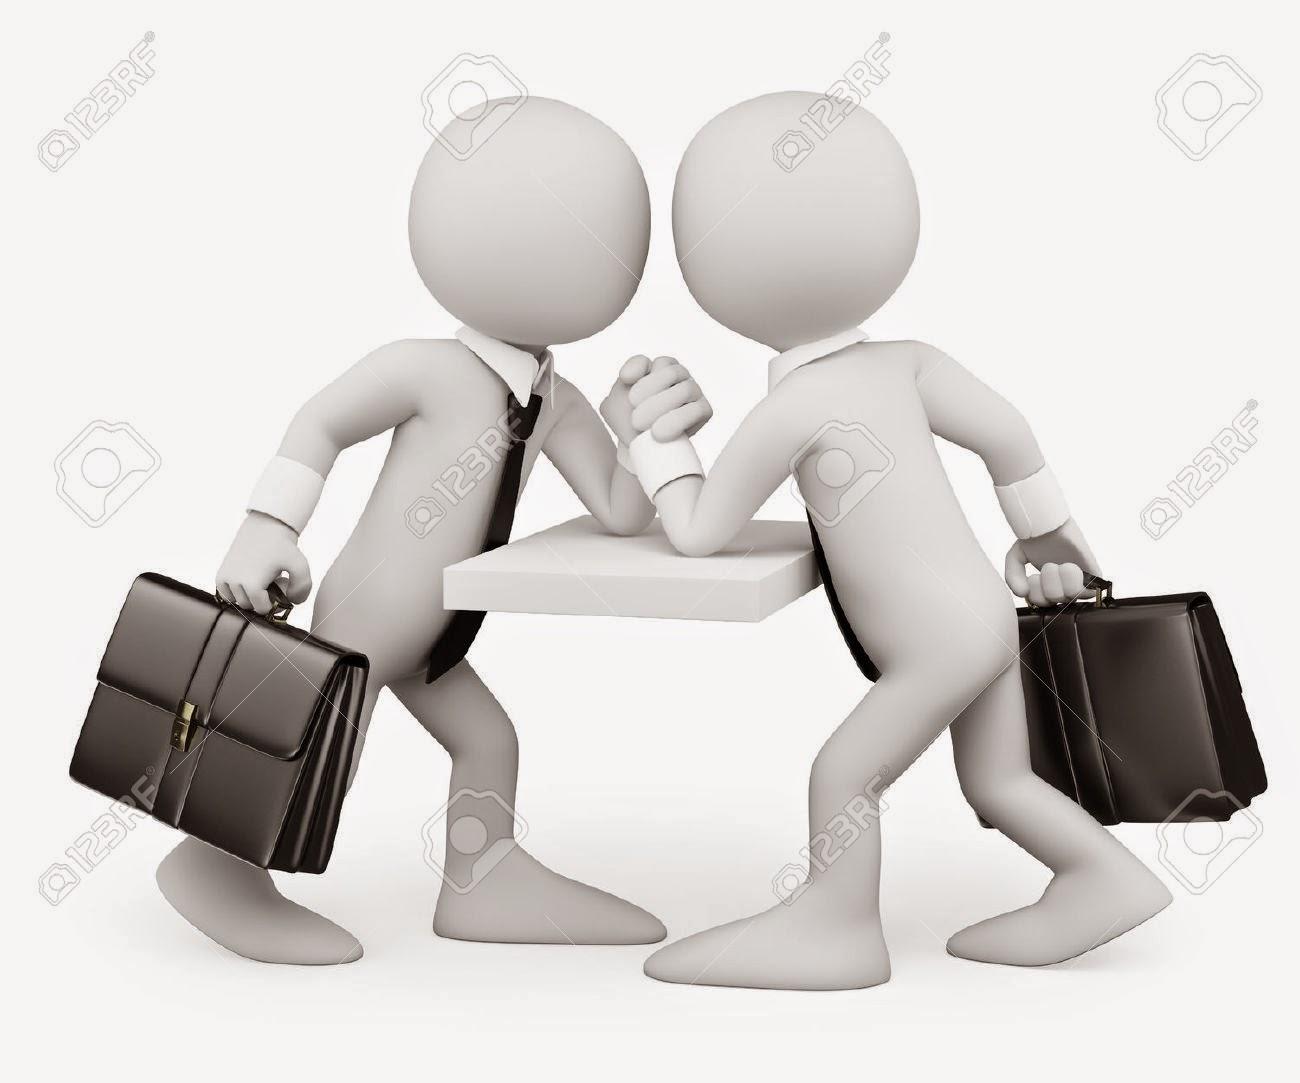 persaingan bisnis, pengertian persaingan bisnis, persaingan dalam bisnis, strategi persaingan bisnis, makalah persaingan bisnis, menghadapi persaingan bisnis, strategi pemasaran dalam persaingan bisnis, kompetisi bisnis, langkah langkah bisnis, pemasaran bisnis, langkah bisnis, trik pemasaran, rahasia sukses